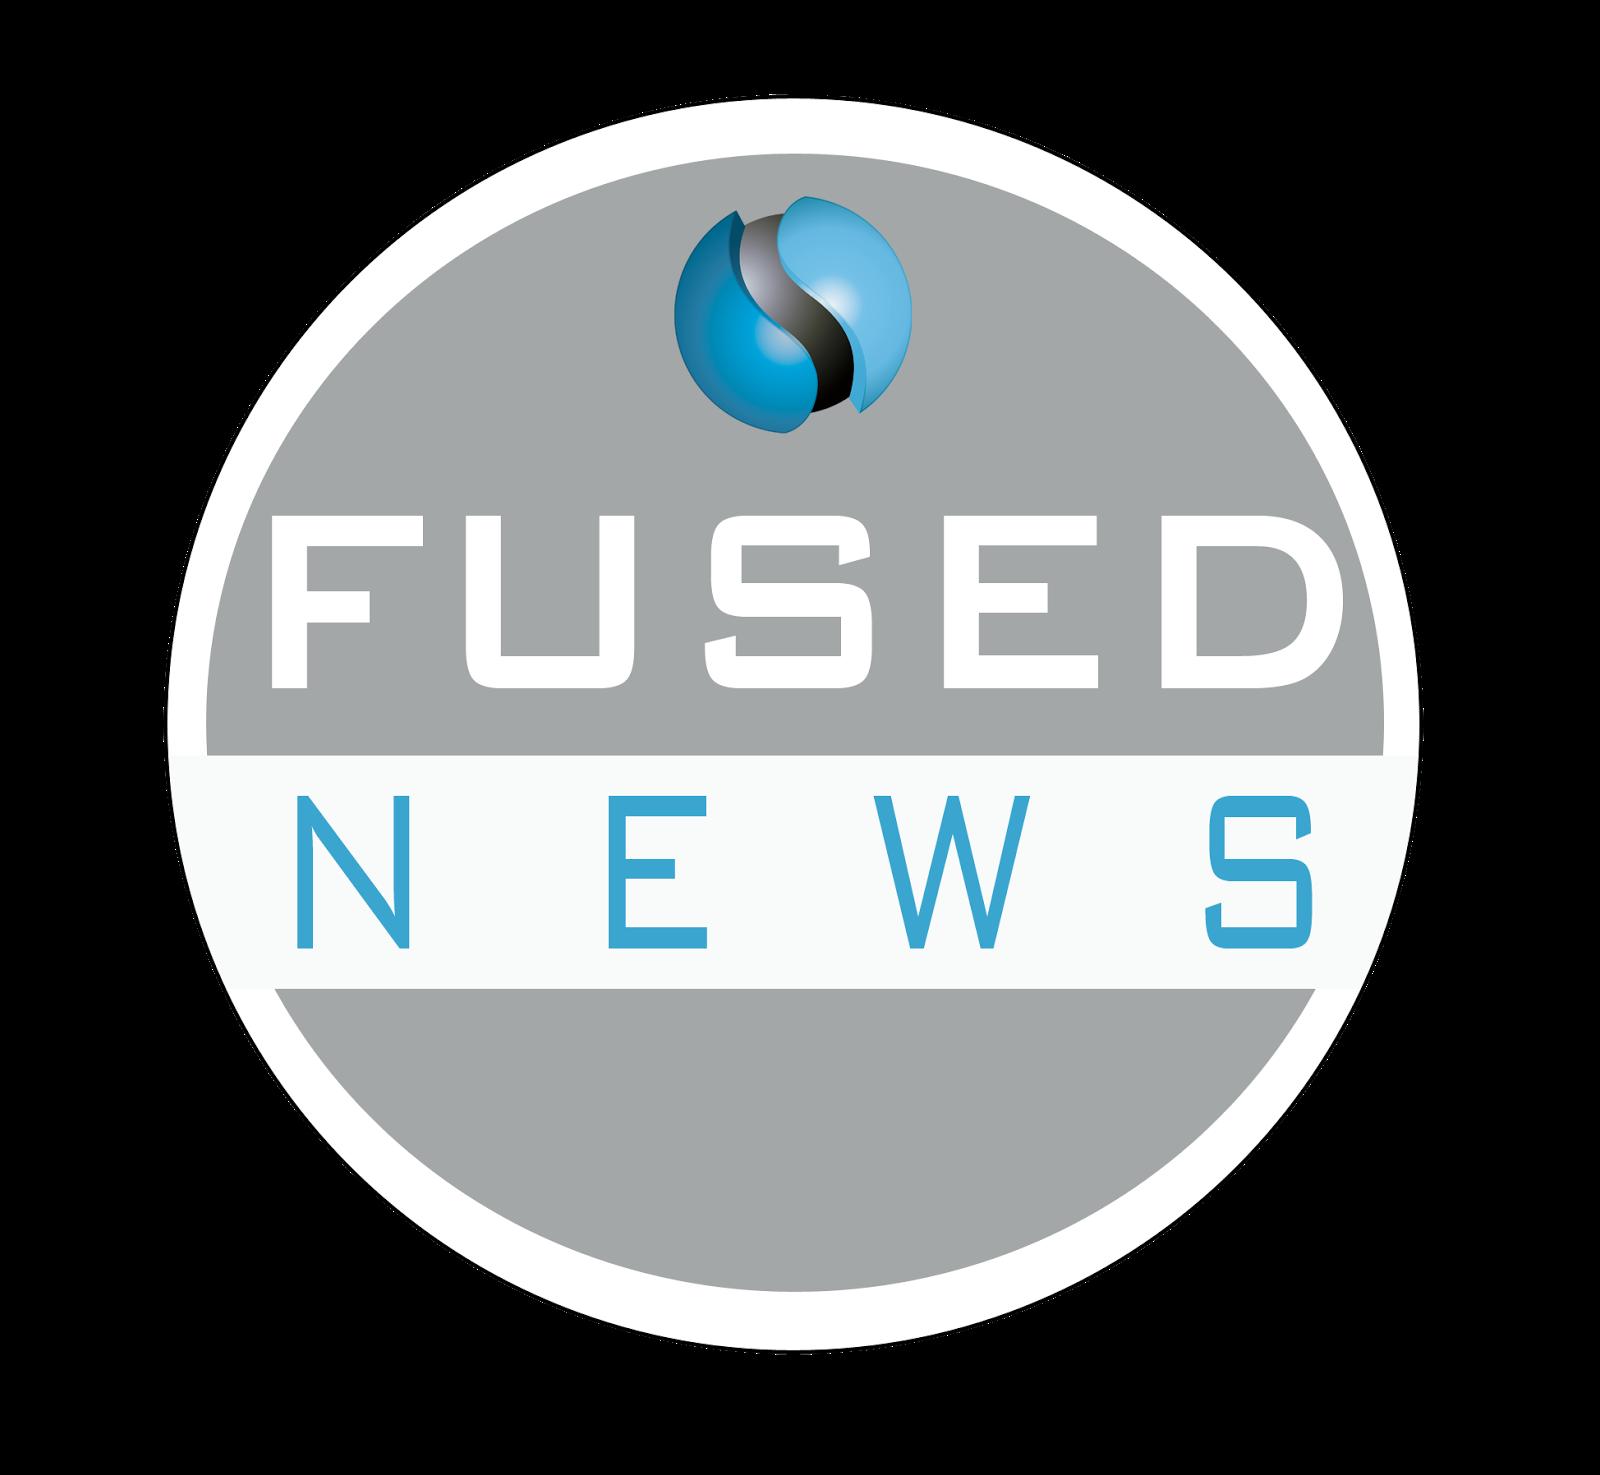 Fused News